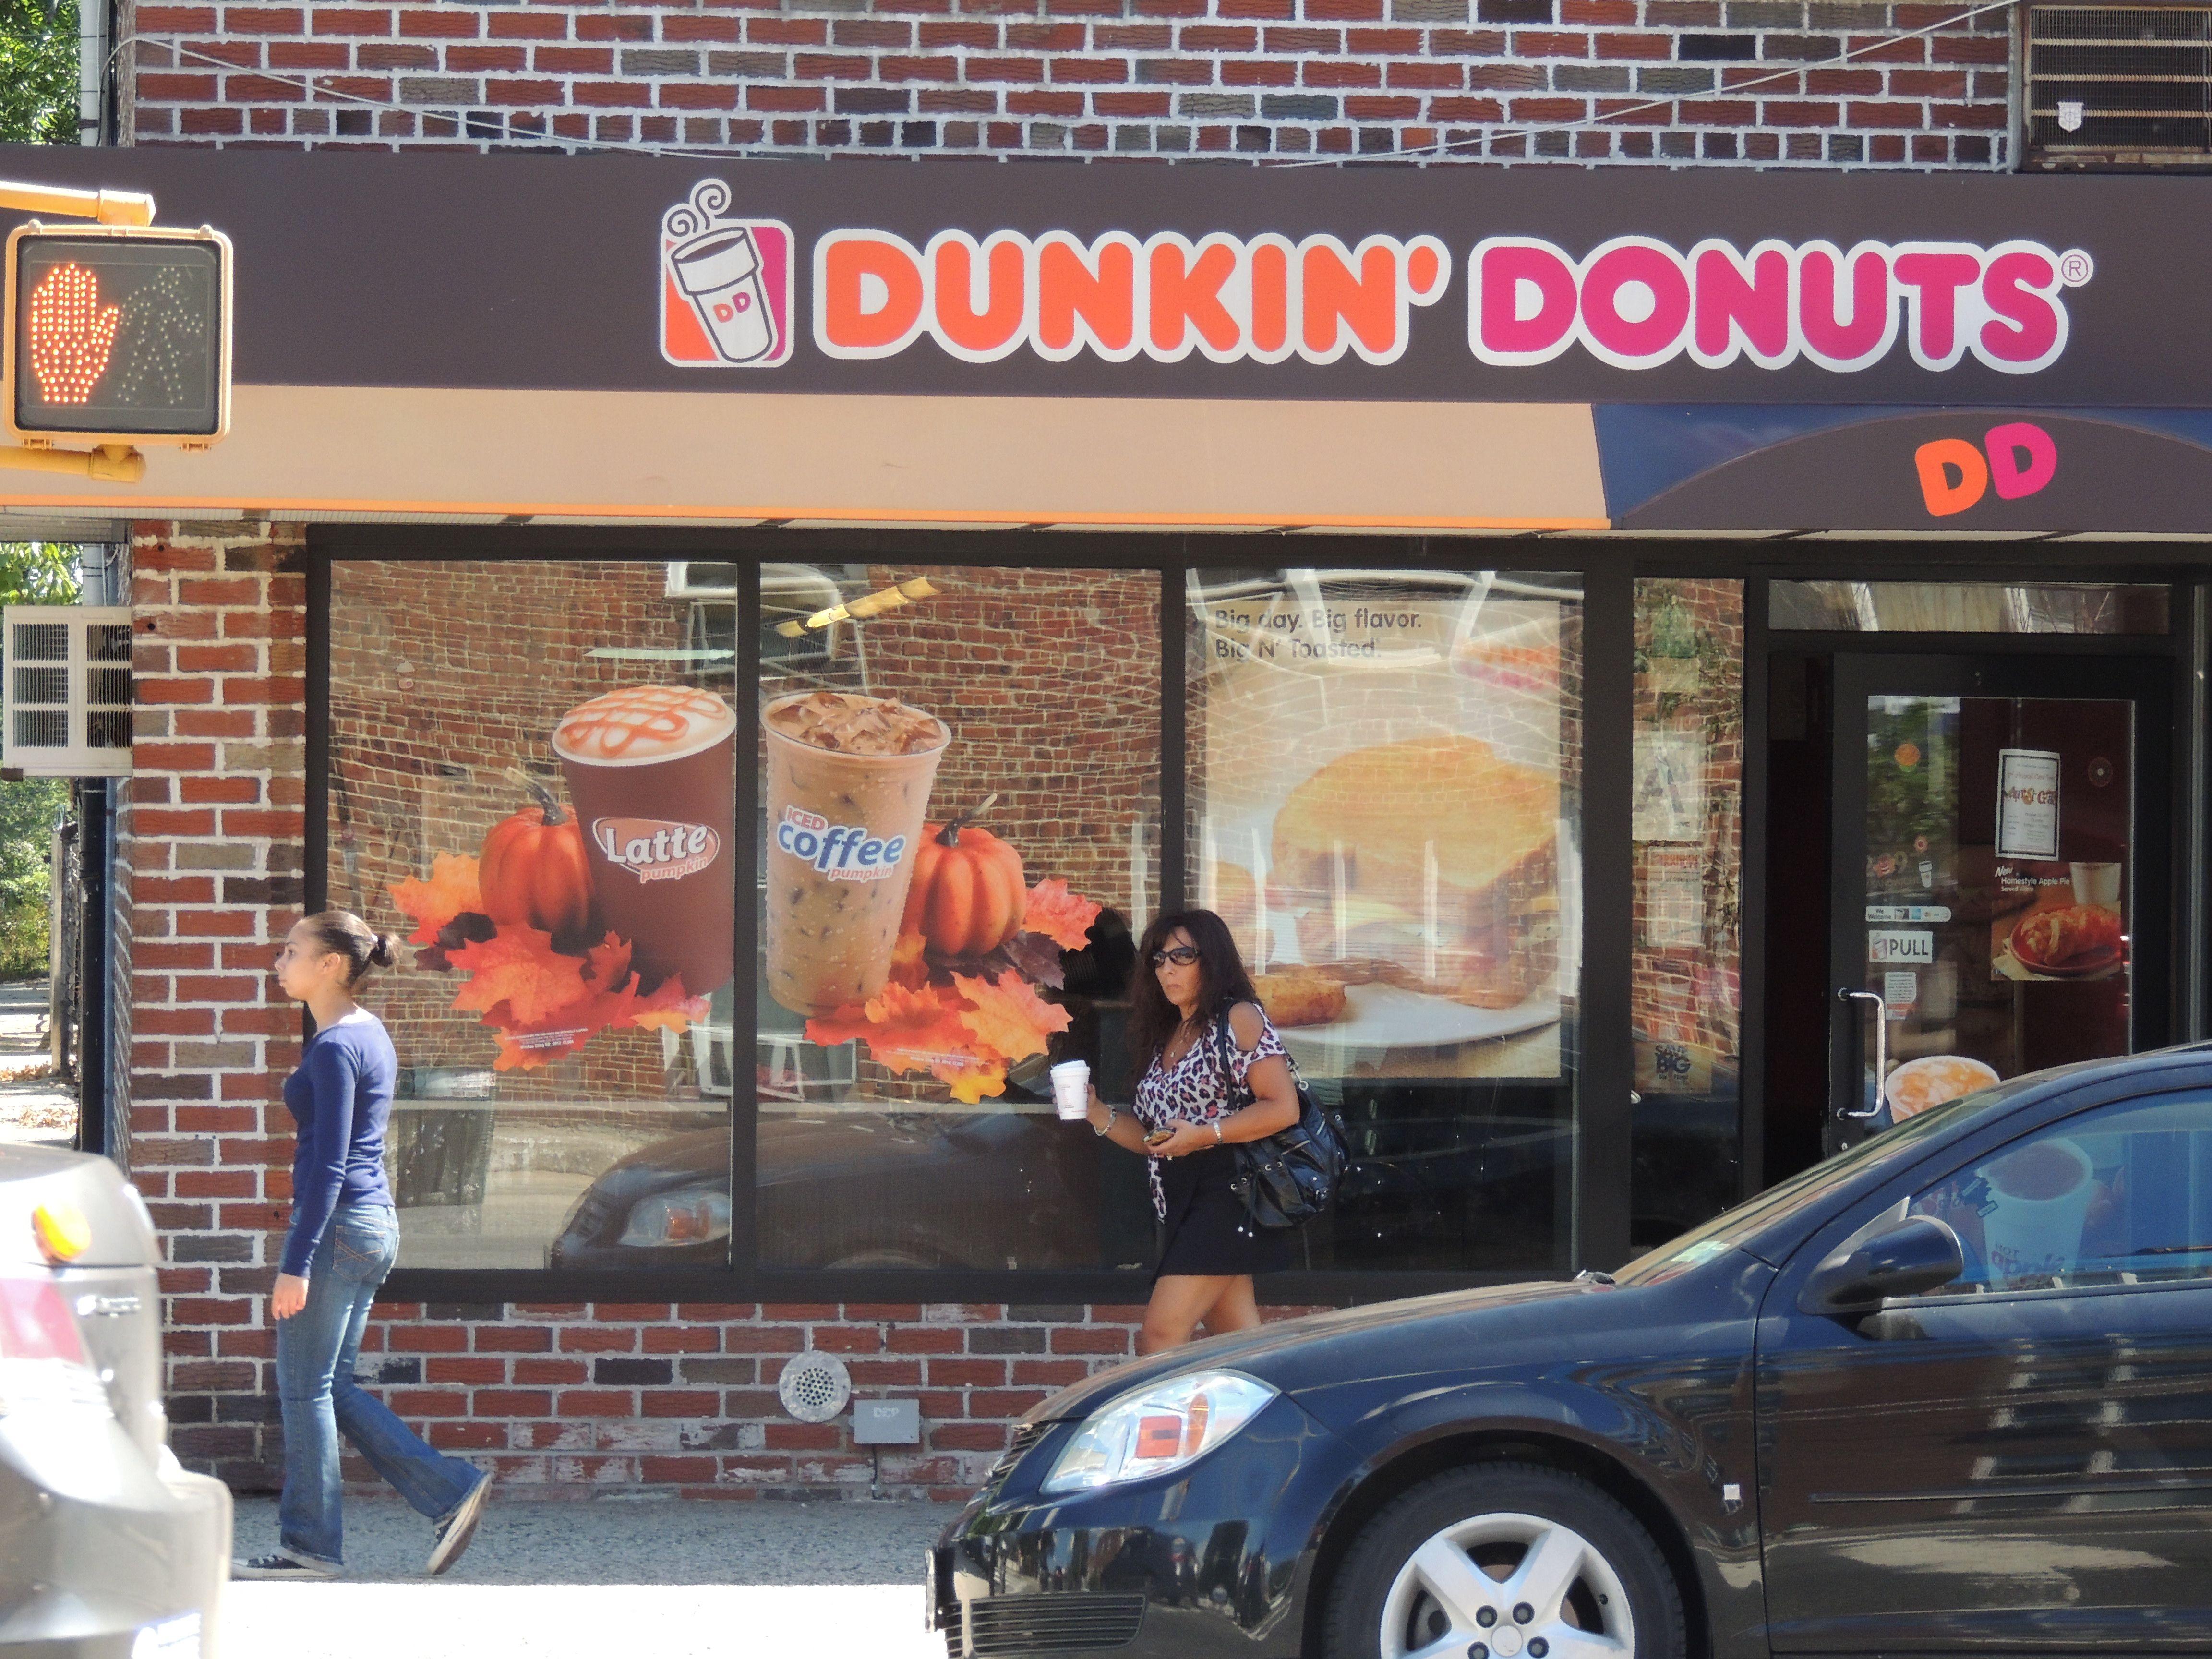 f5aaf7062da0d8e1a59a47d79621cabf - Dunkin Donuts Gouverneur Ny Application